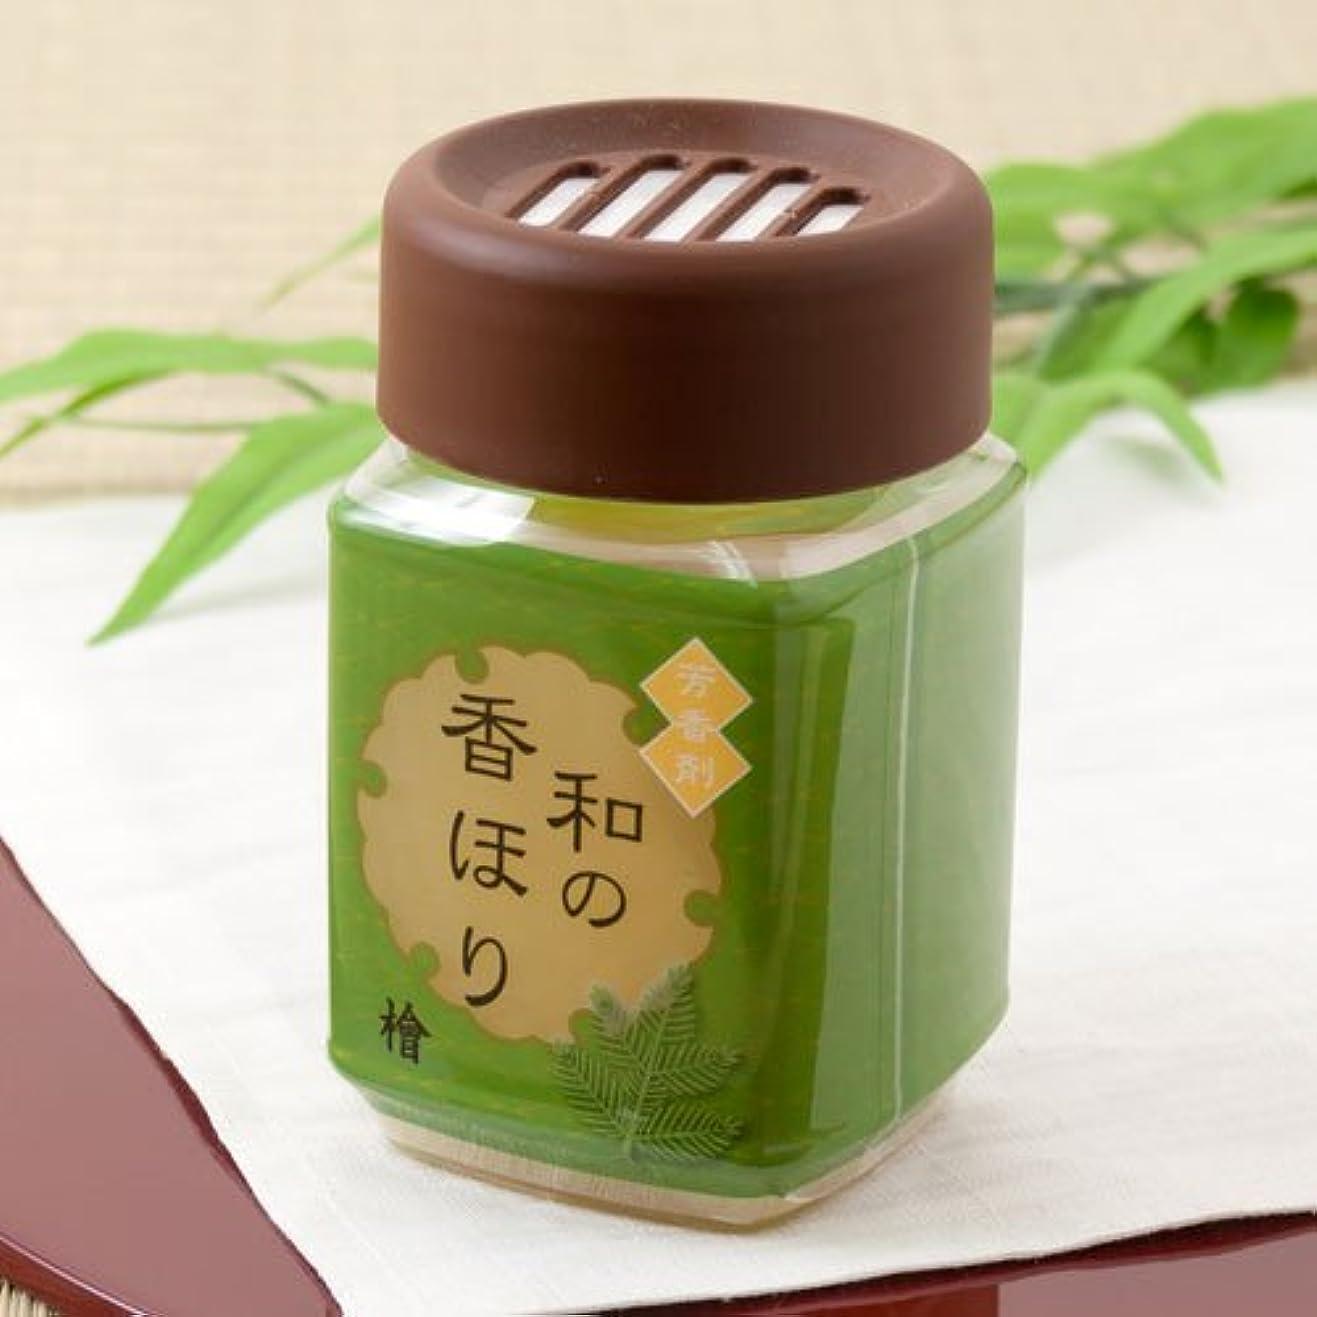 慣らす取得するうめき声和の香ほり檜ルームフレグランス?芳香剤リビング?玄関?トイレなどをほっこり和の香りにRoom fragrance